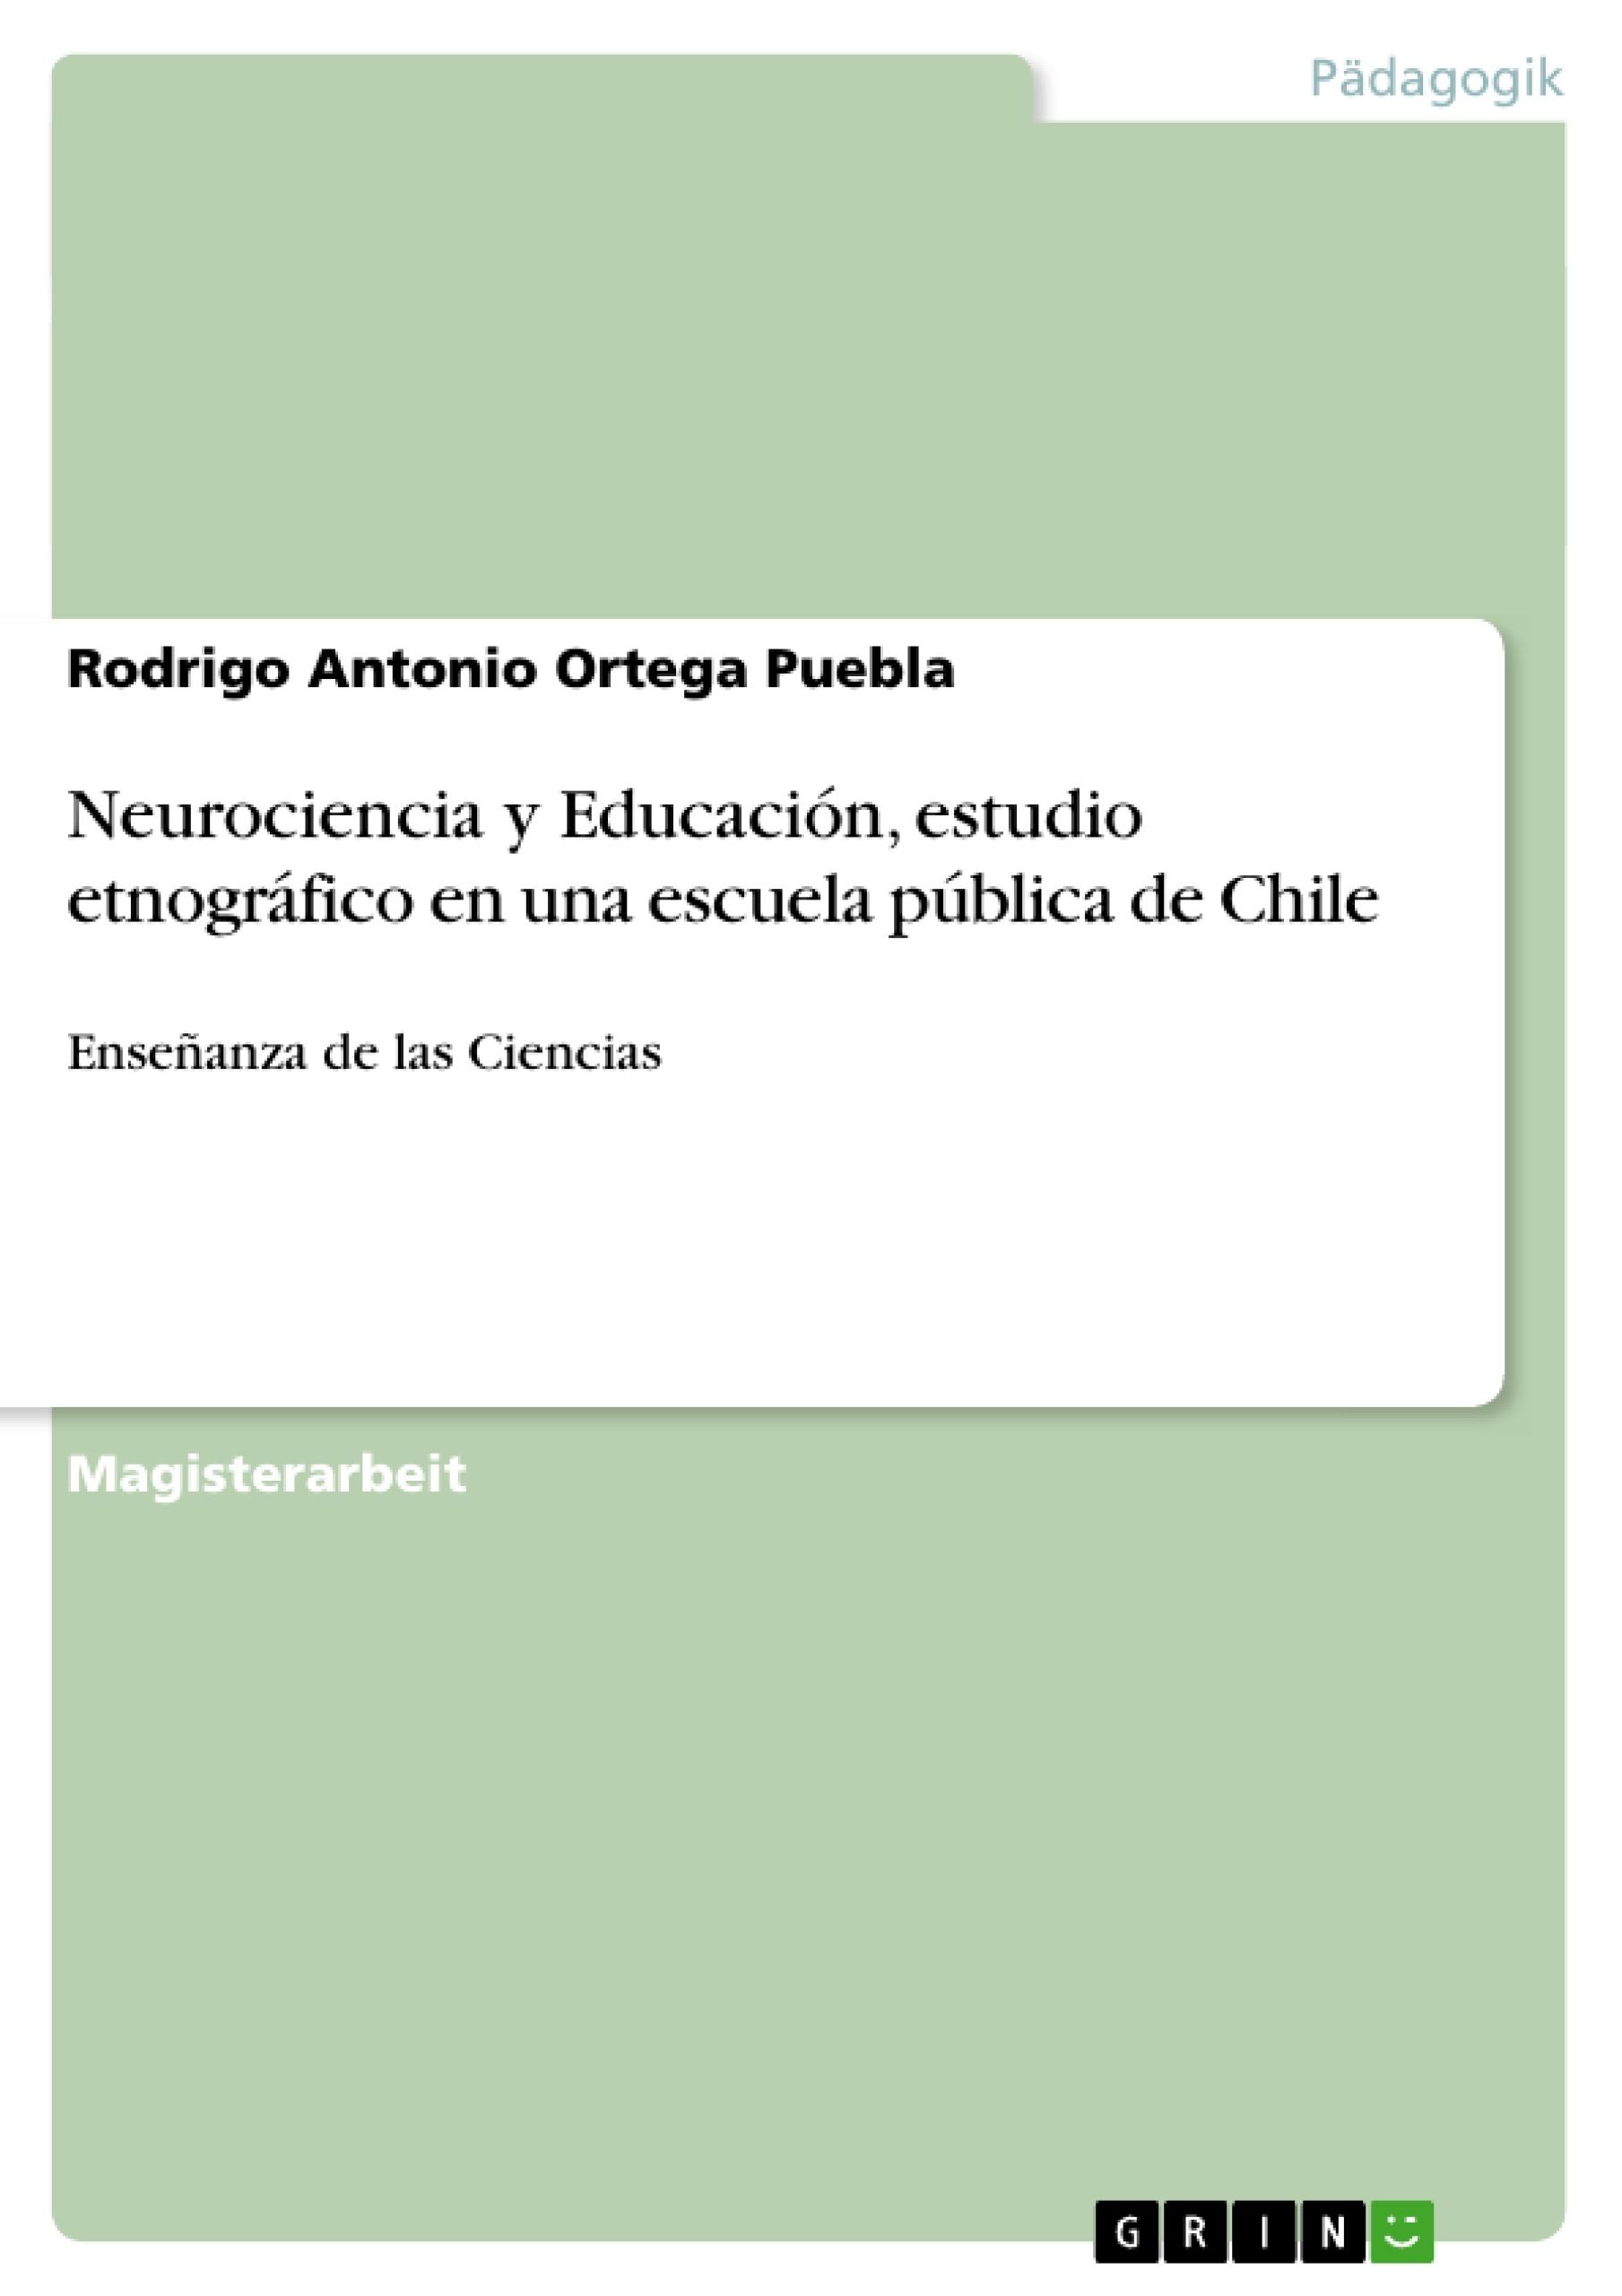 Titel: Neurociencia y Educación, estudio etnográfico en una escuela pública de Chile